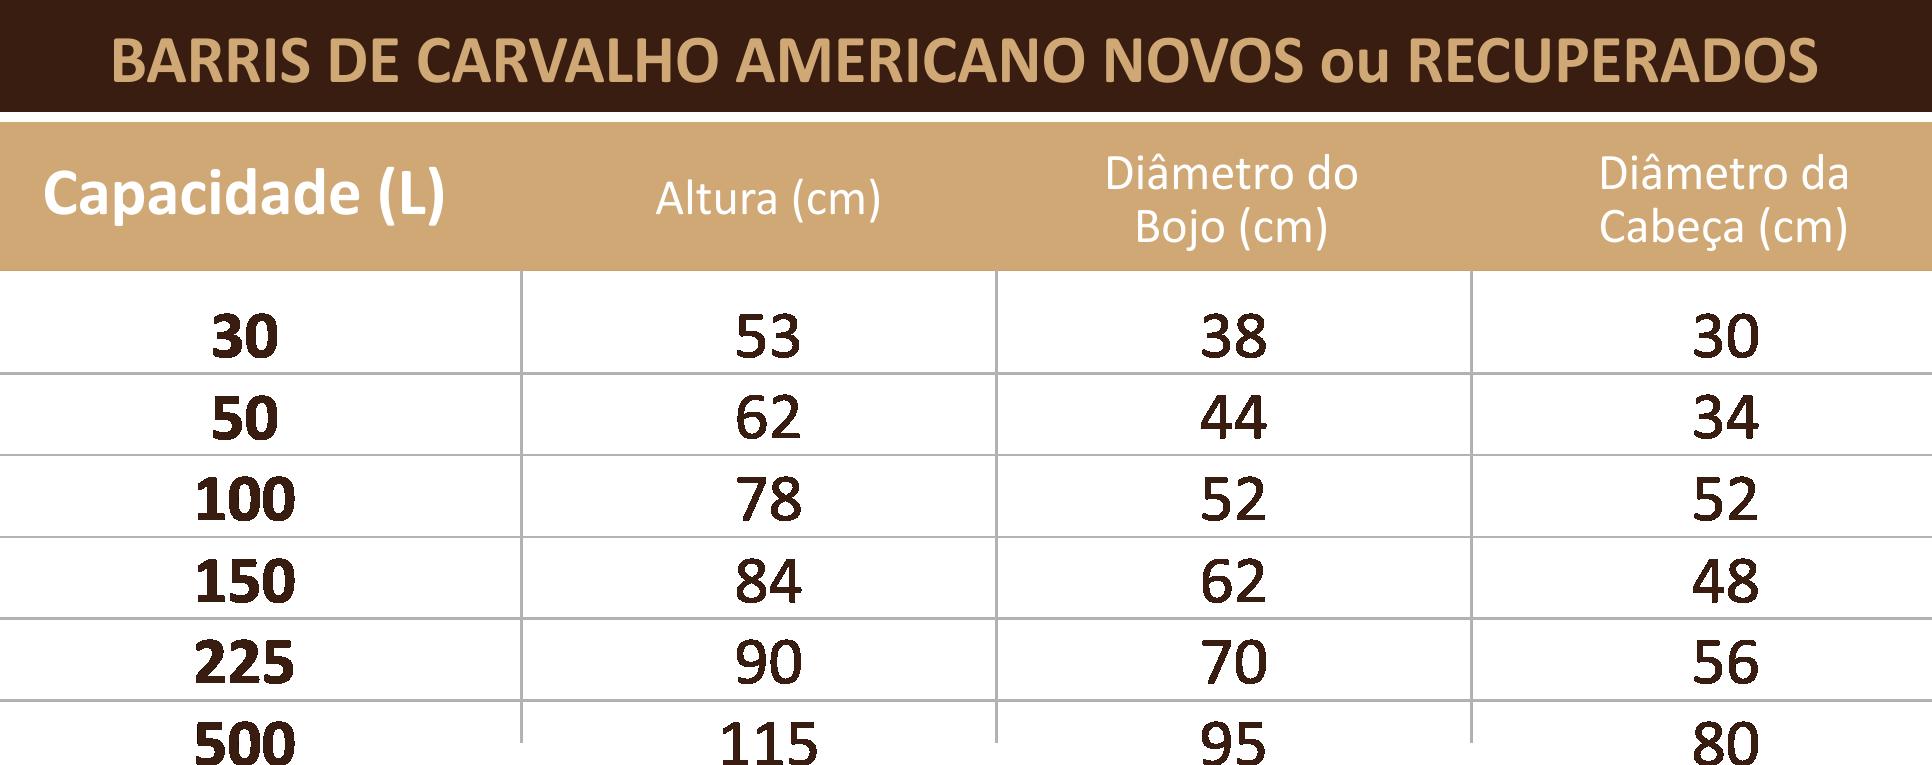 CARV AMERICANO GRA